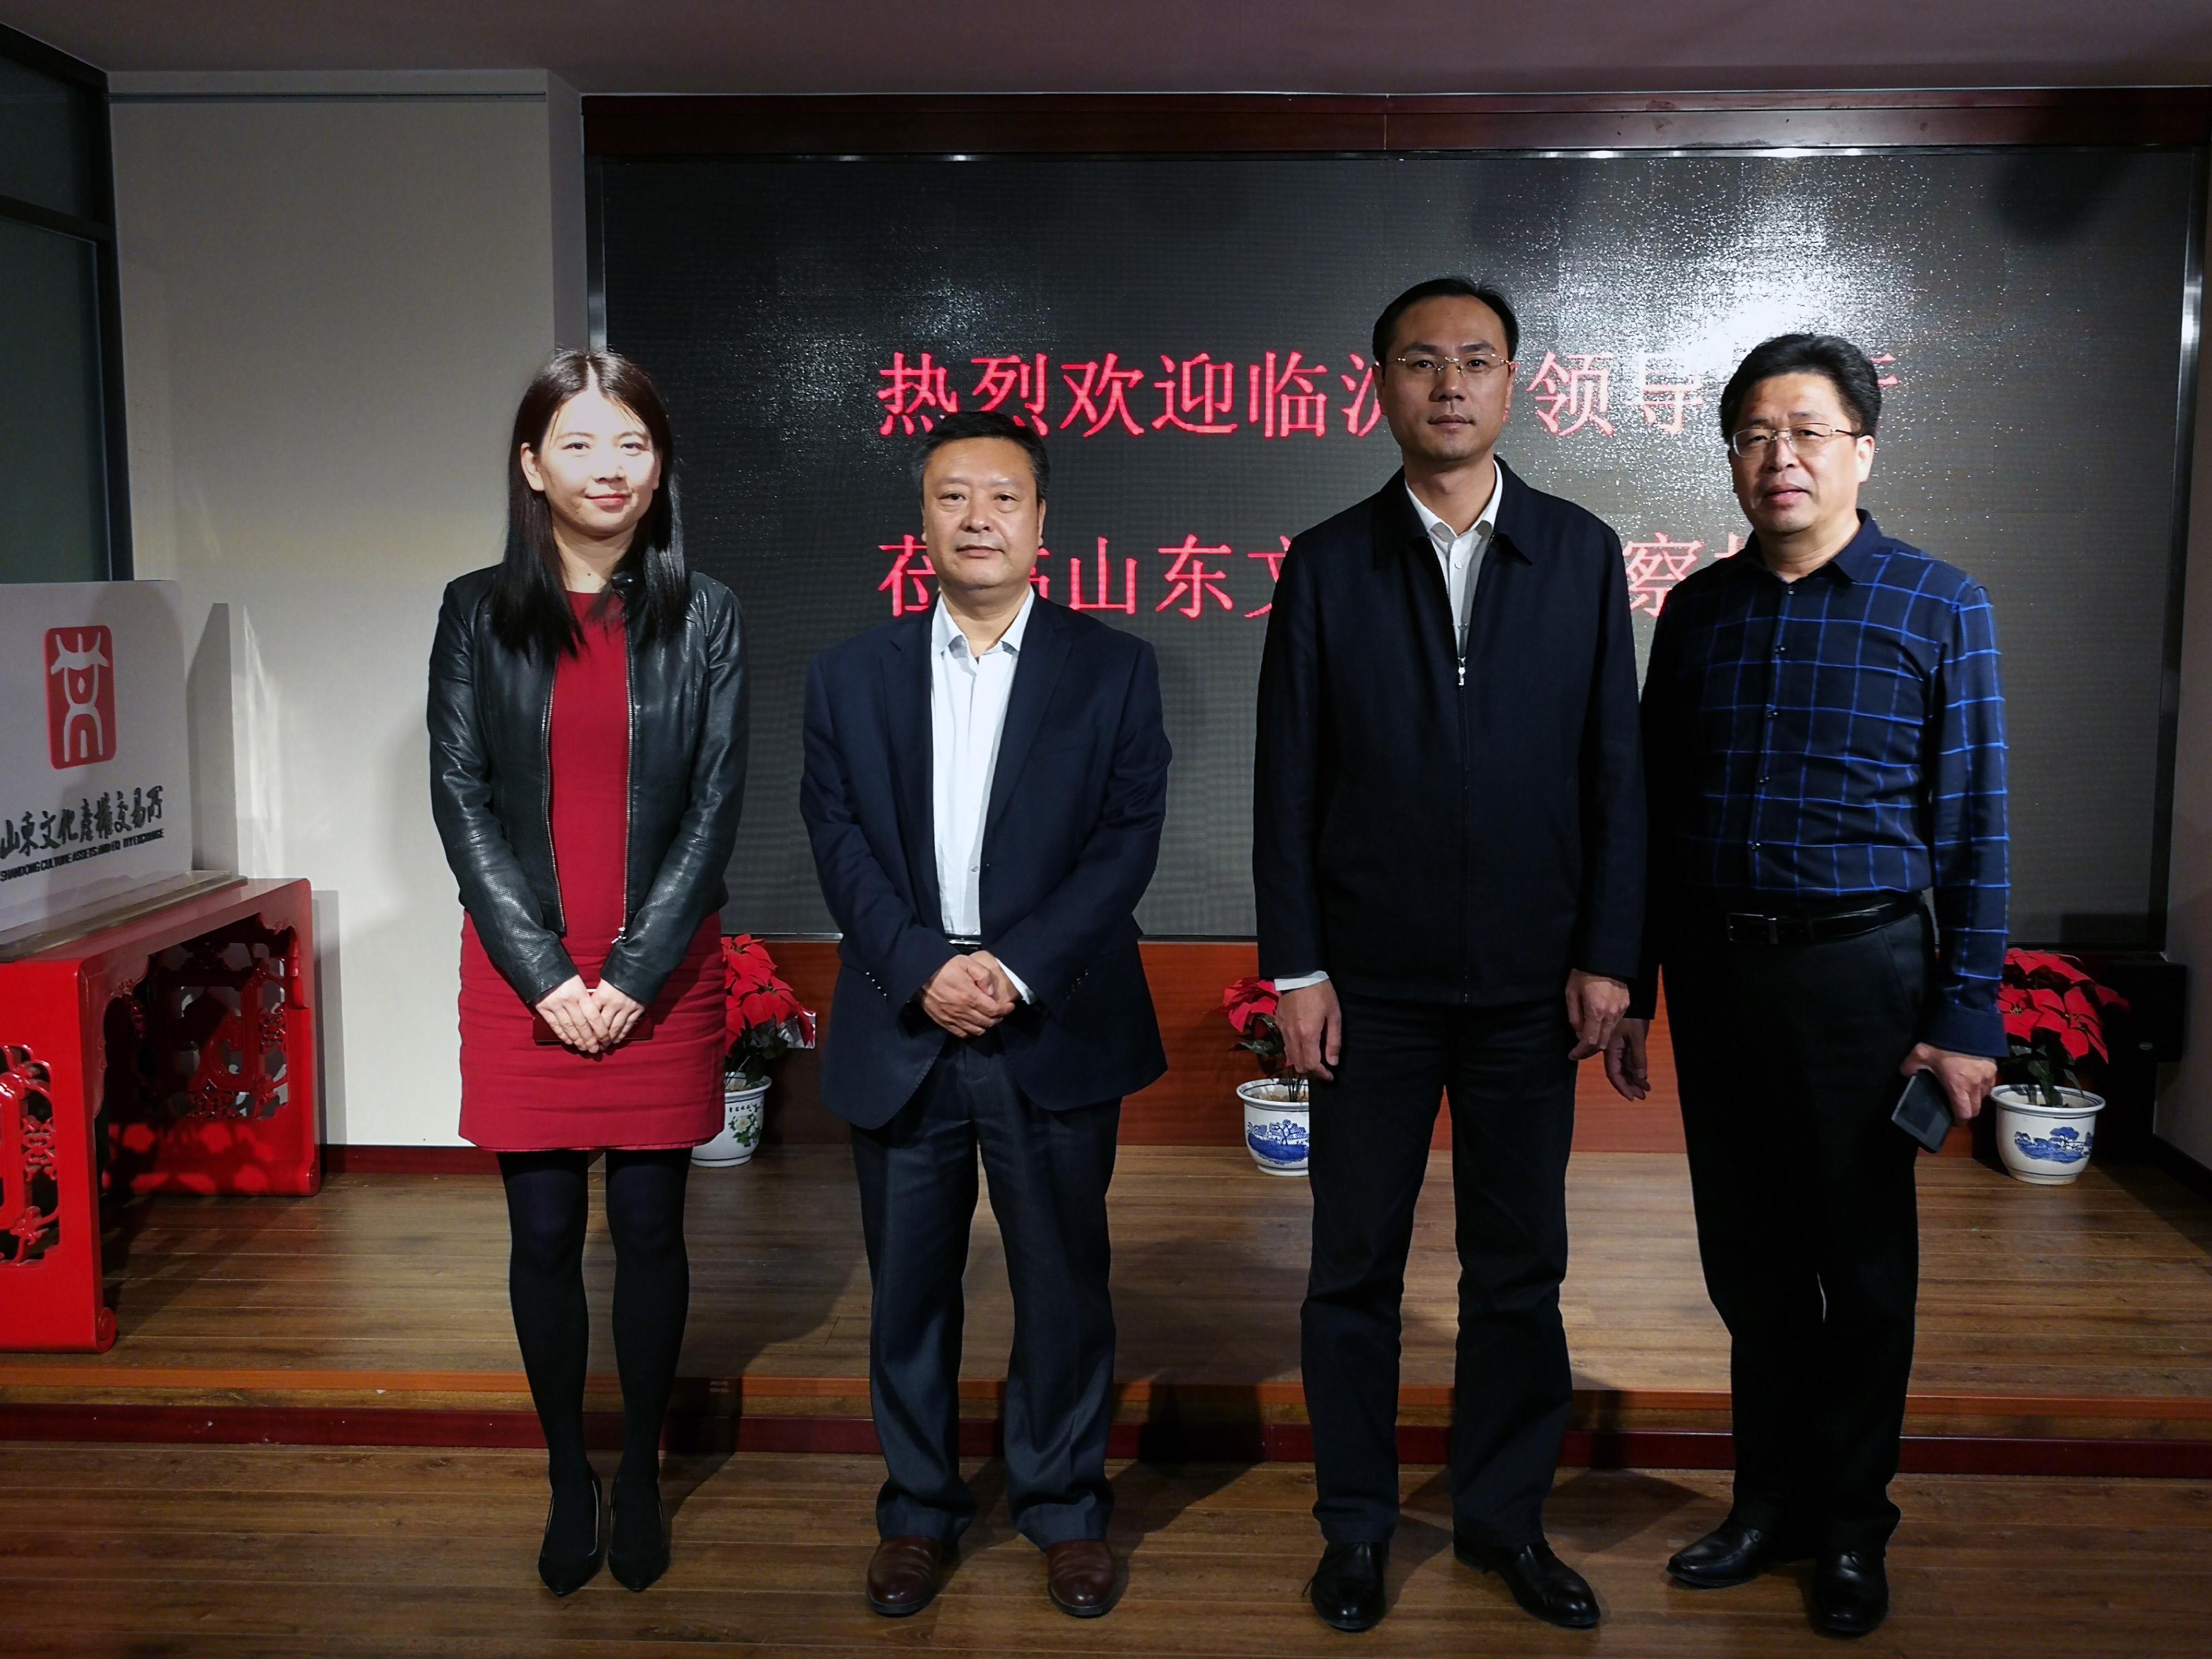 临沂市委副秘书长宋成明、宣传部副部长周晓东一行  到访山东文交所